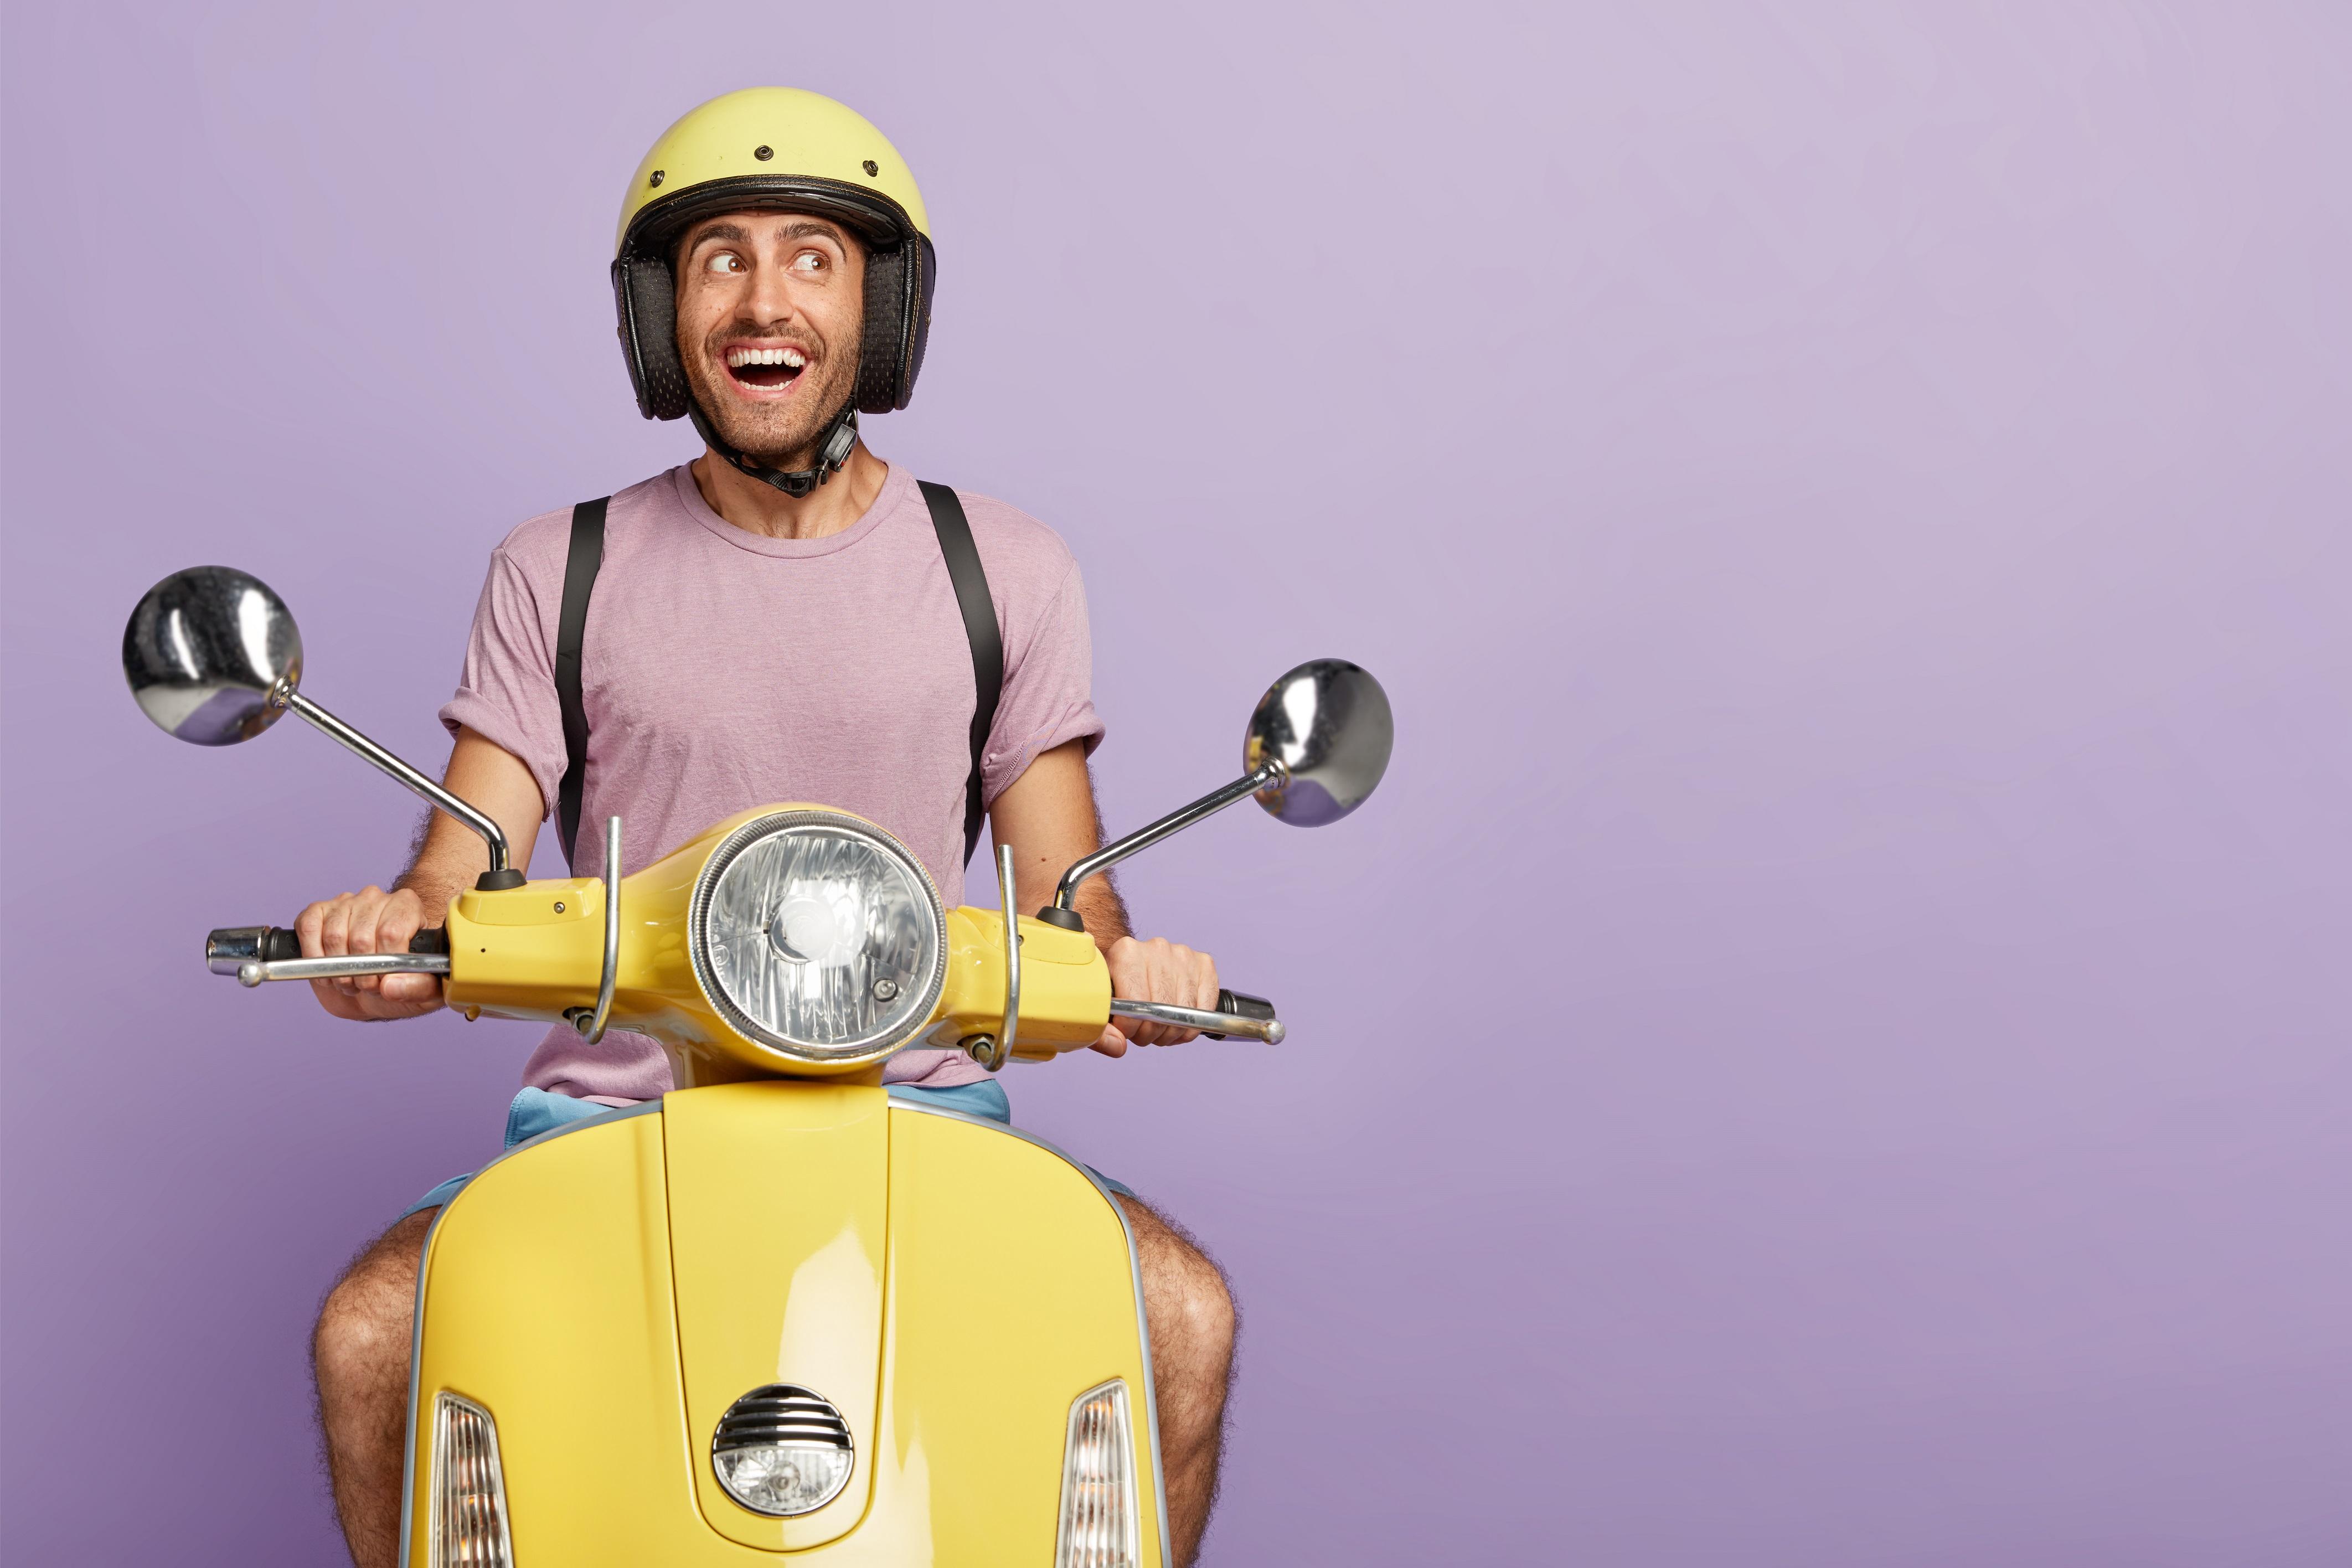 cara berkendara motor yang baik